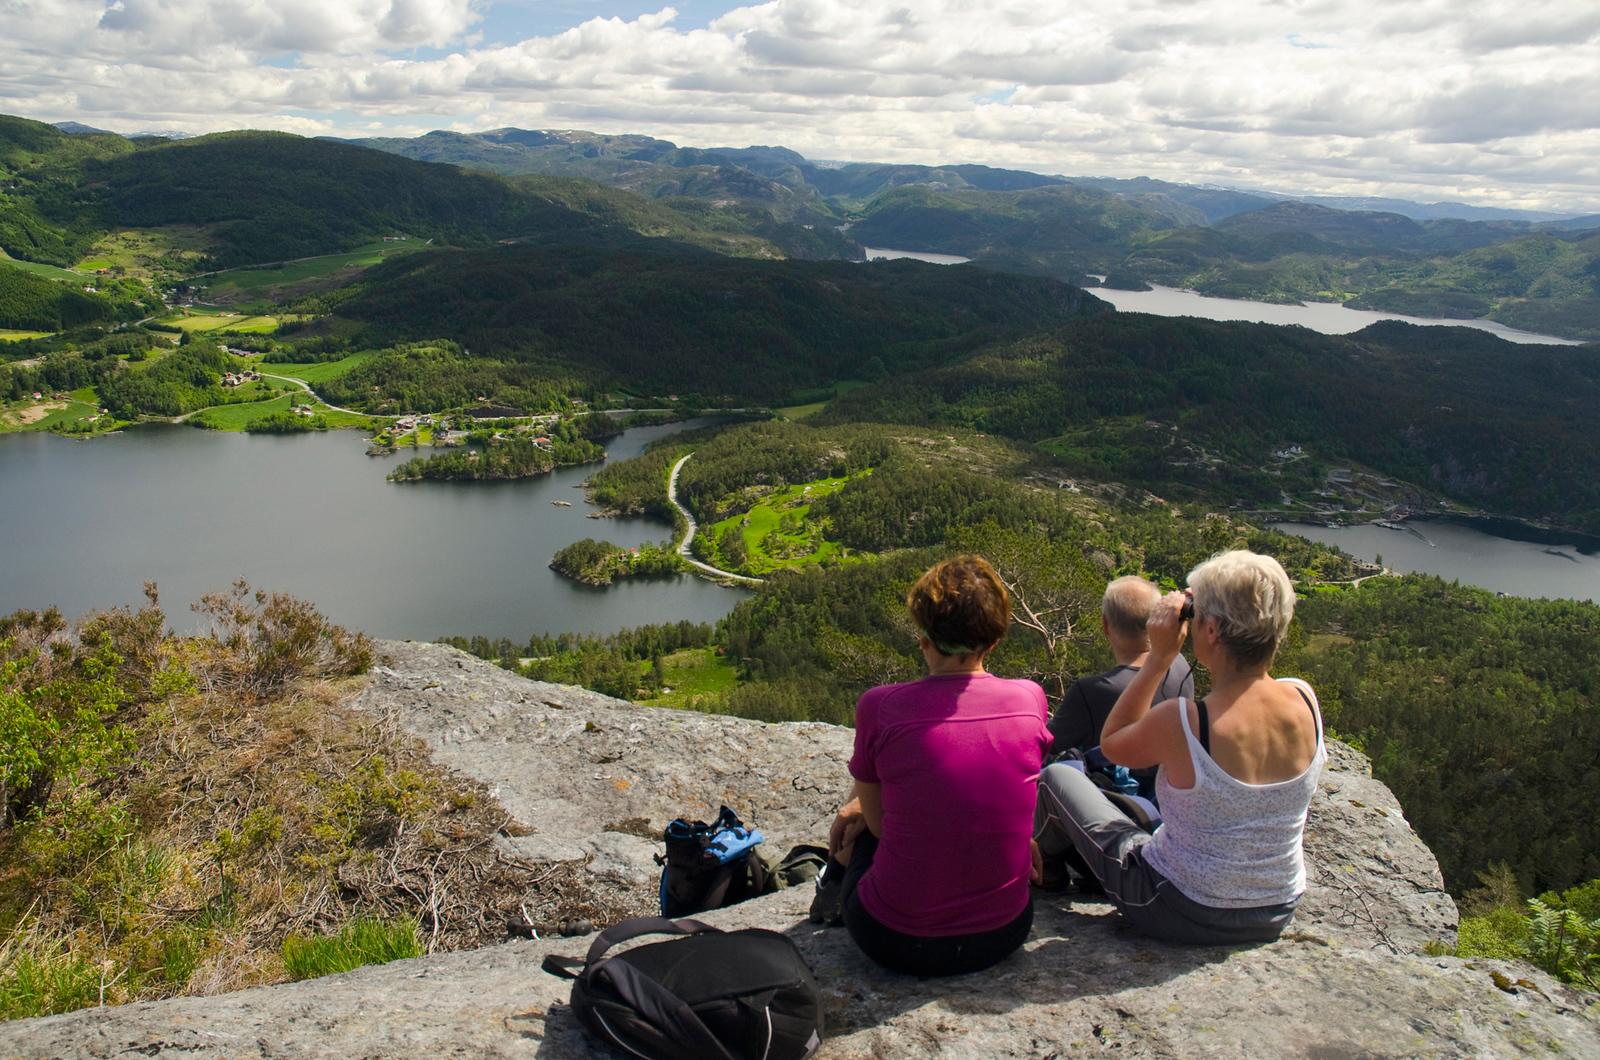 Menneske på fjelltopp som ser utover naturlandskap